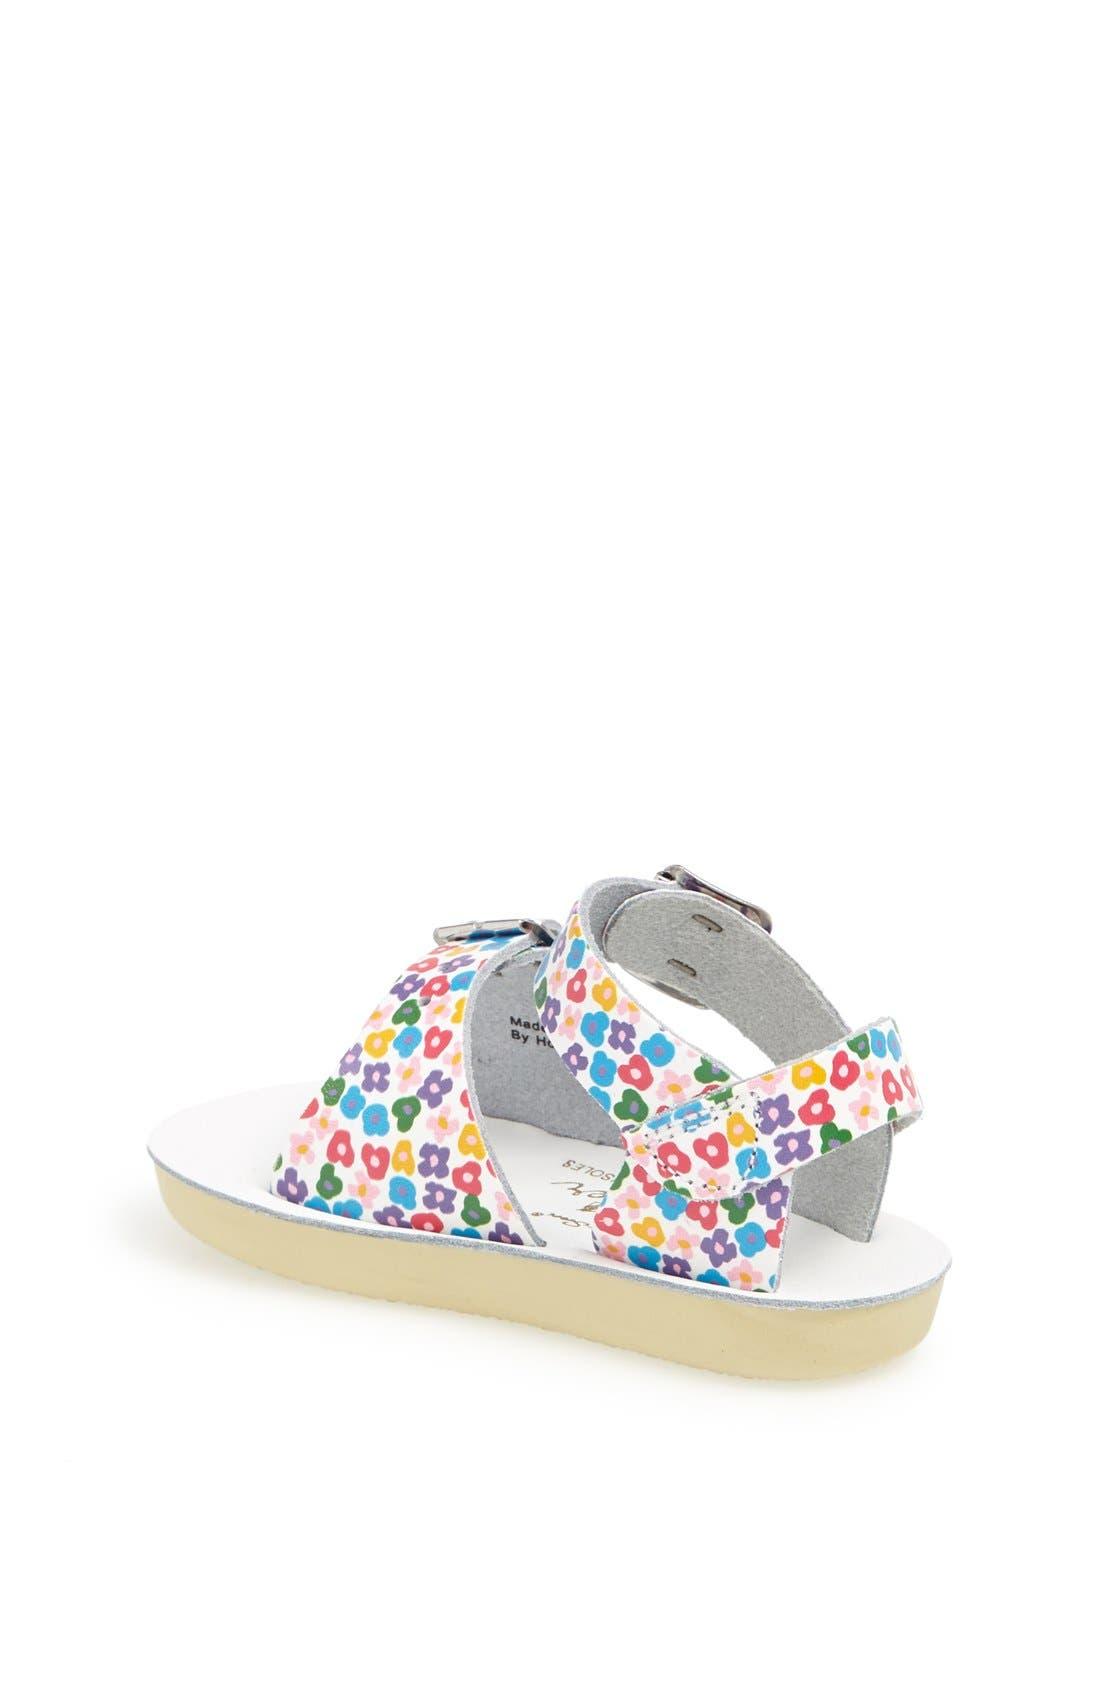 Hoy Shoe Salt-Water<sup>®</sup> Sandals 'Surfer' Sandal,                             Alternate thumbnail 2, color,                             100